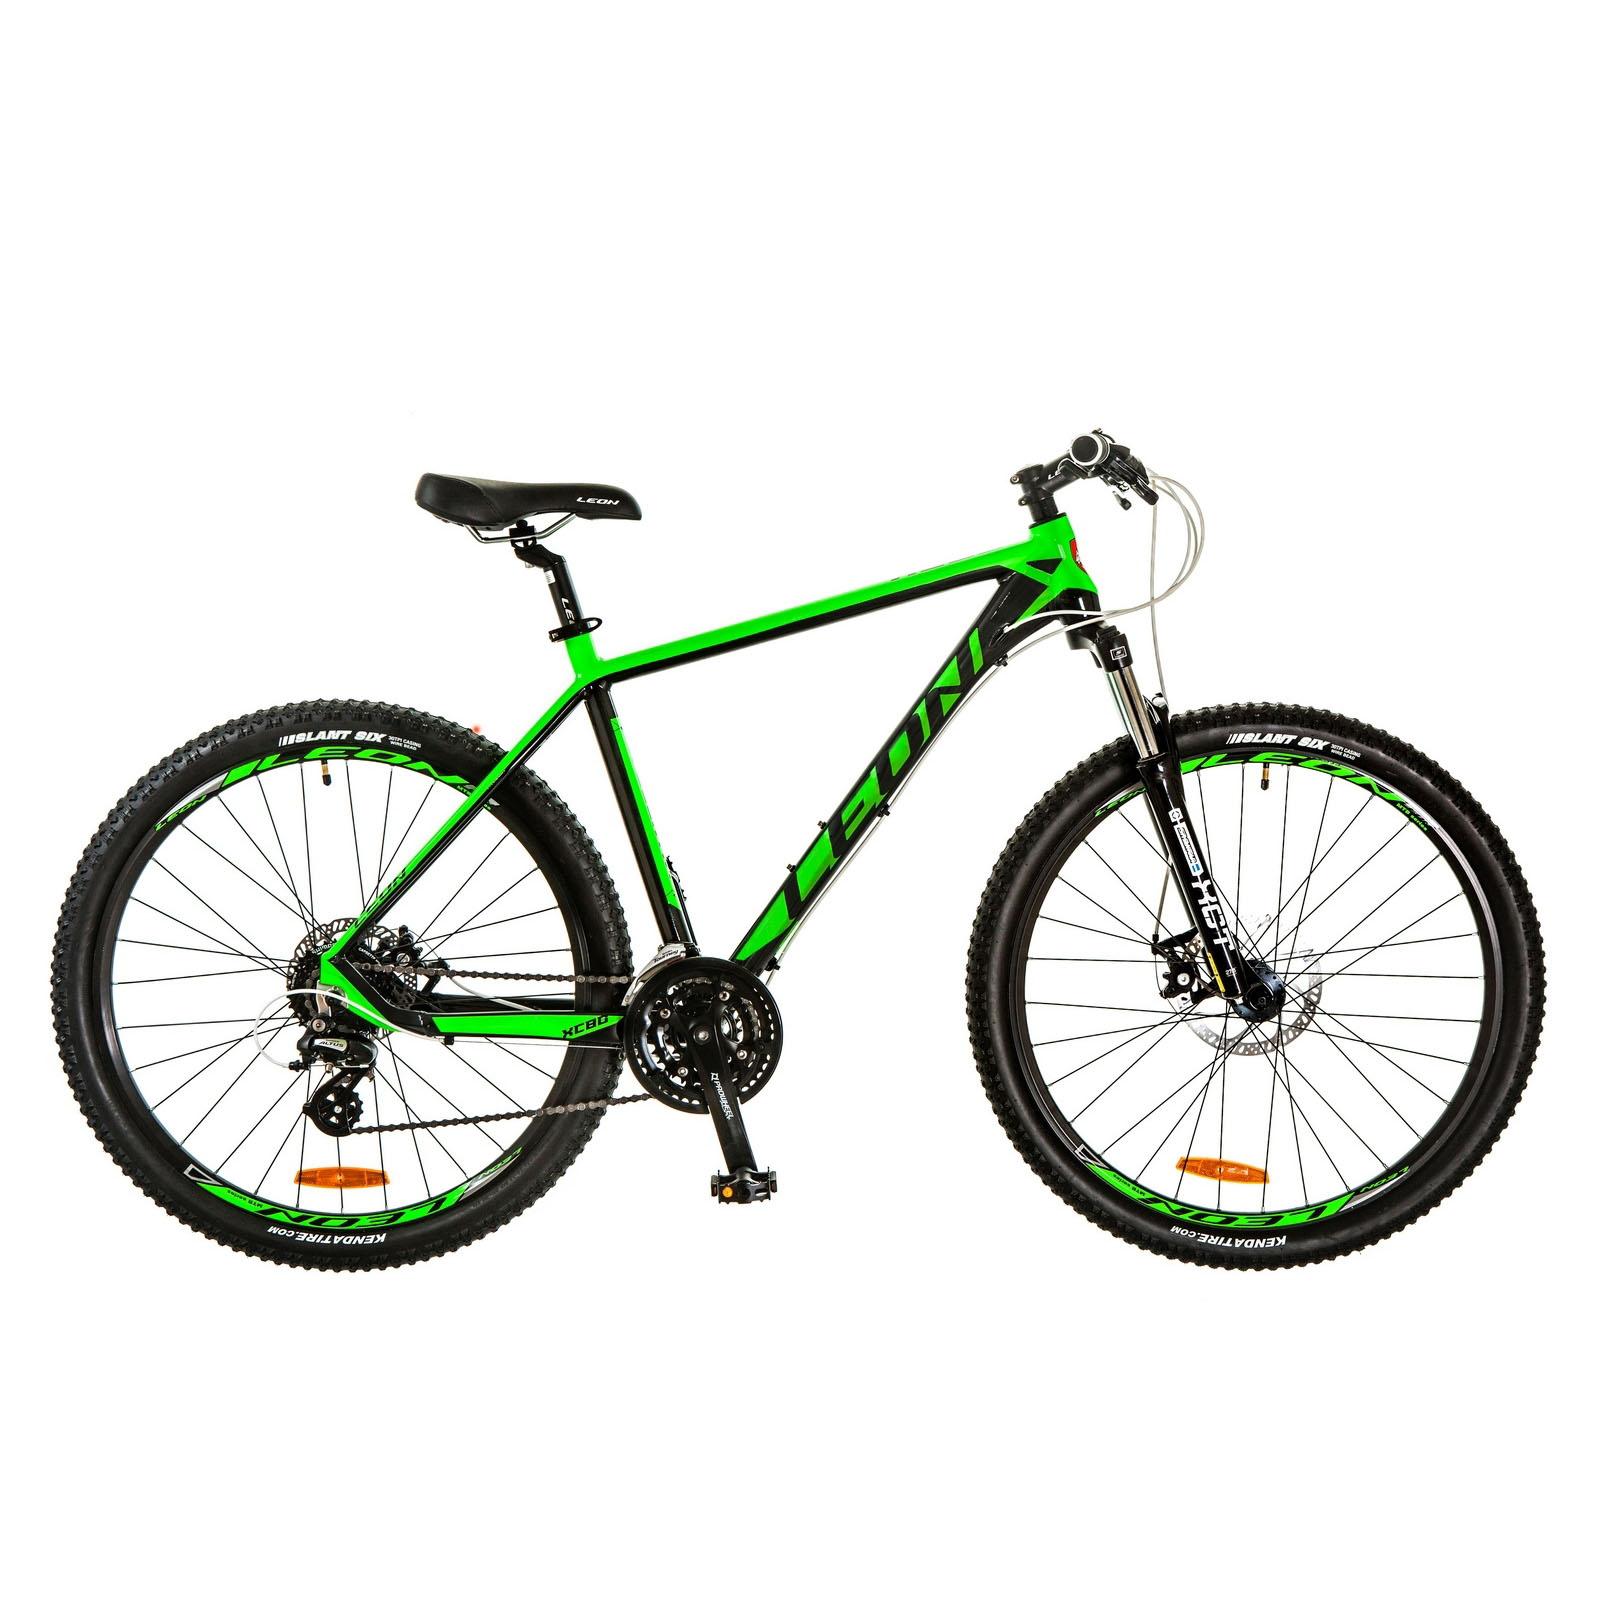 Фото Горный Велосипед 27.5 Leon XC-80 черно-зеленый 2017